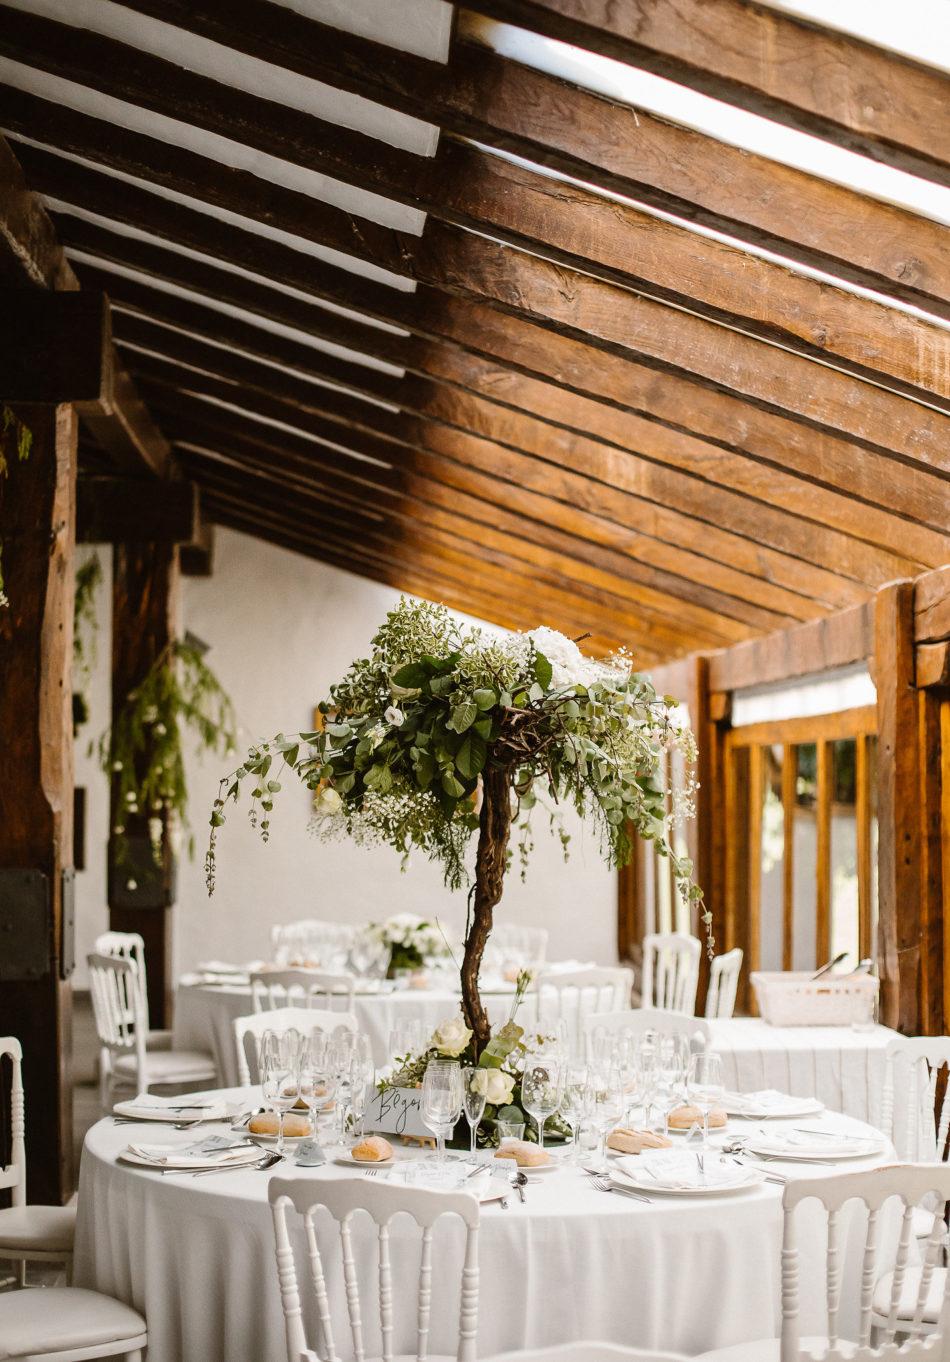 decoration de table blanc et vert